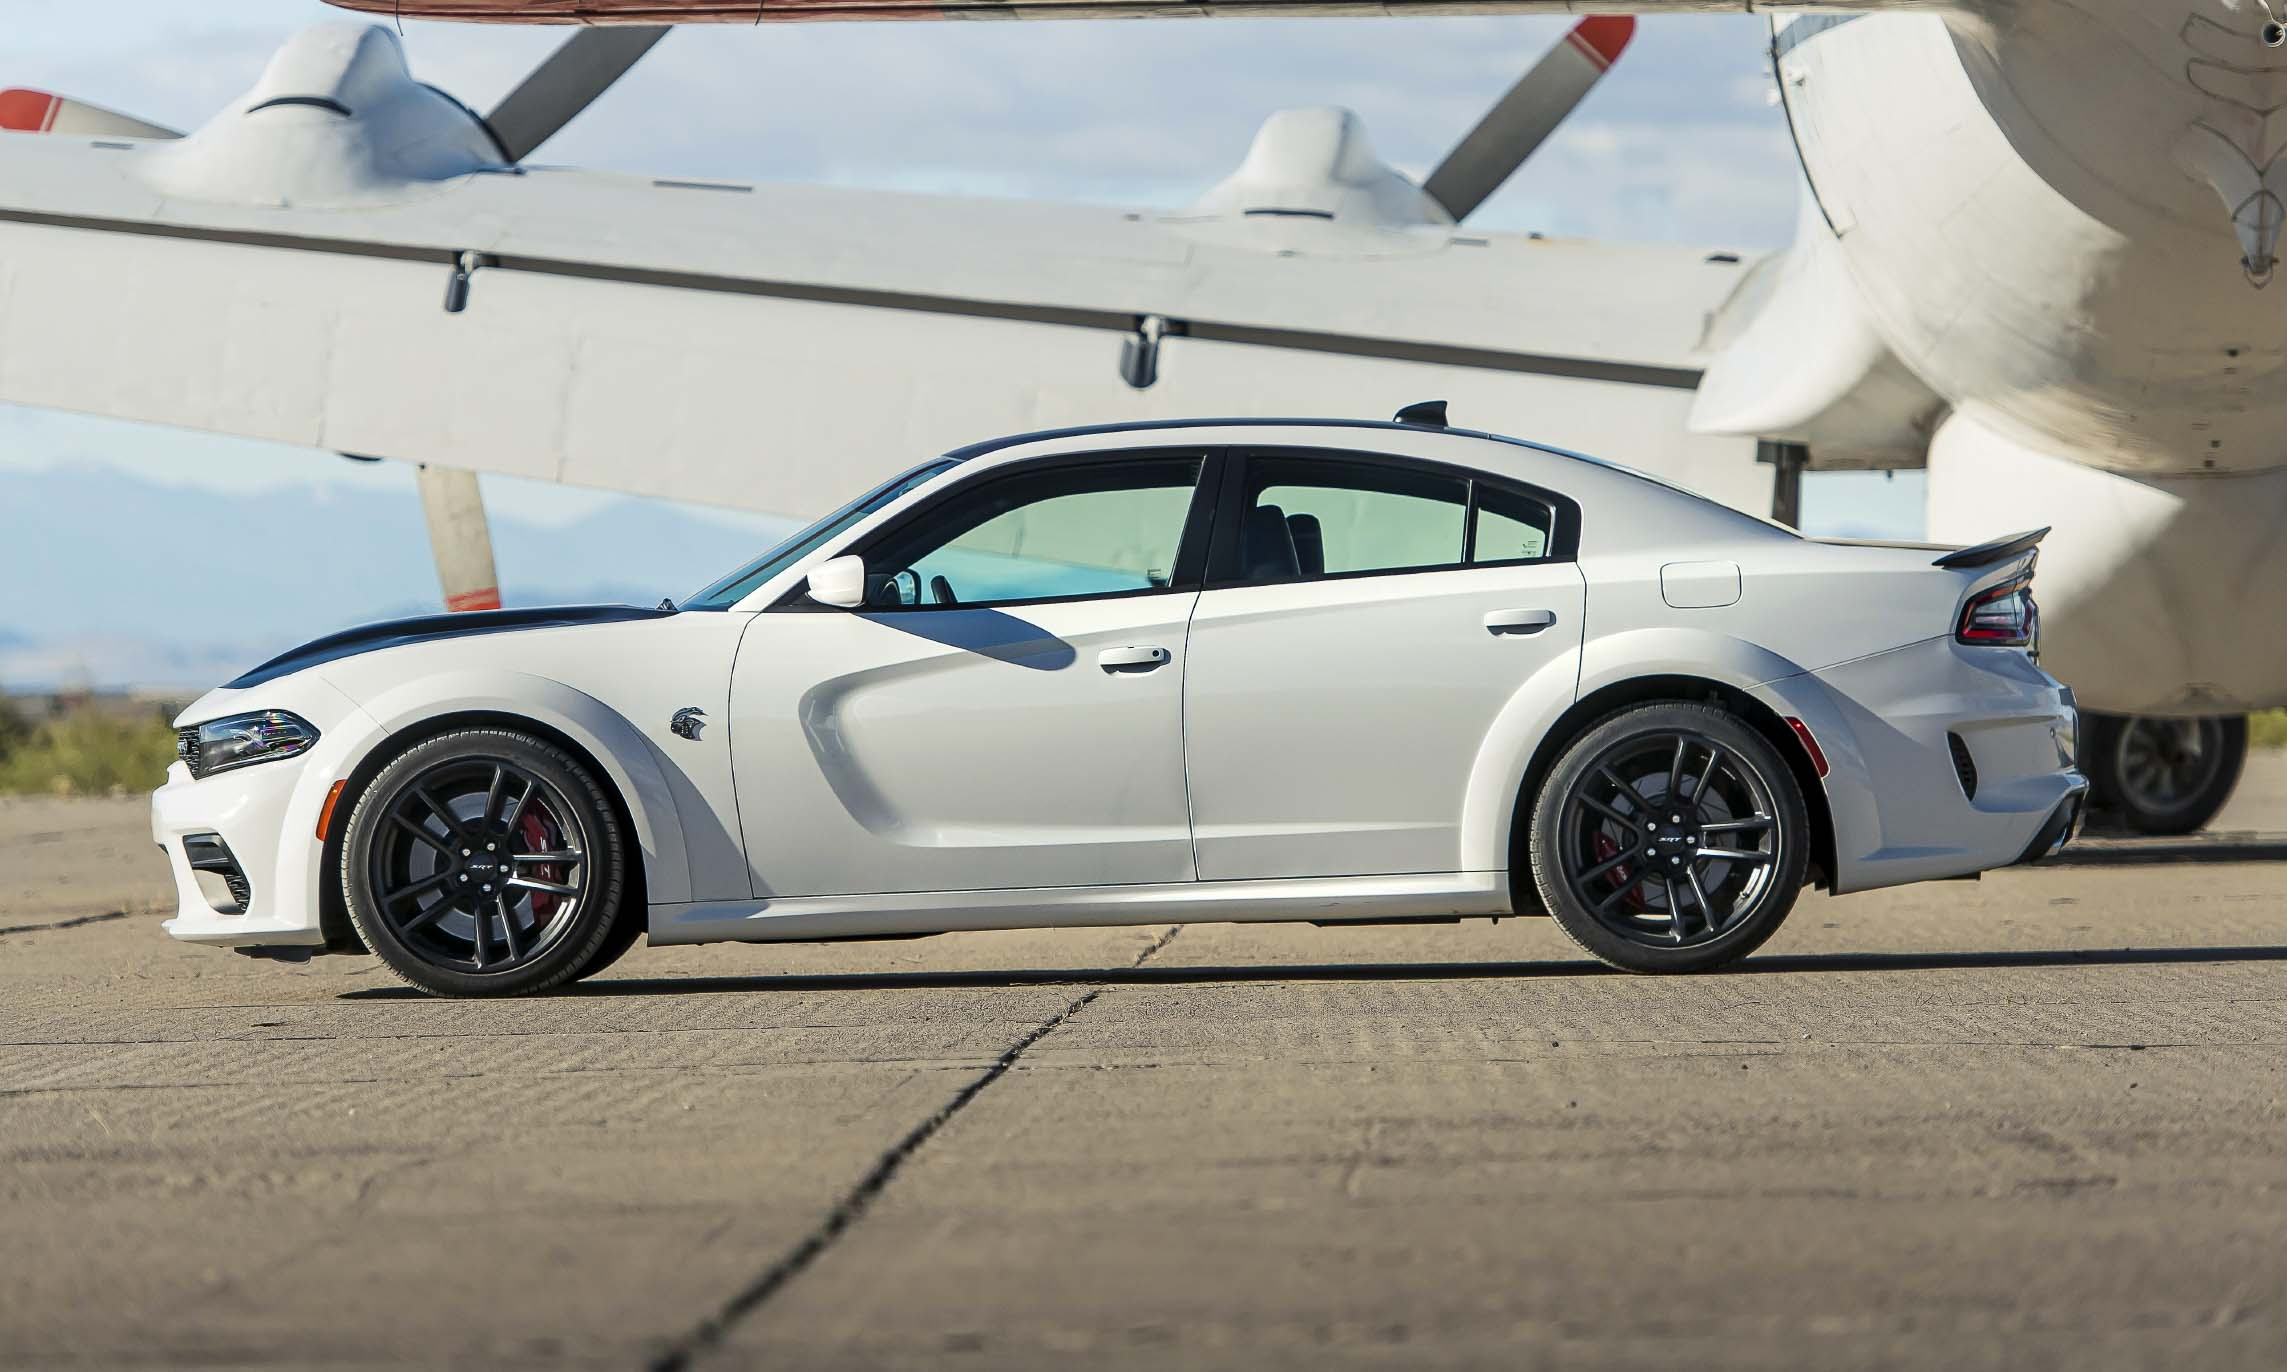 2021 Dodge Charger Srt Hellcat Redeye First Look Autonxt